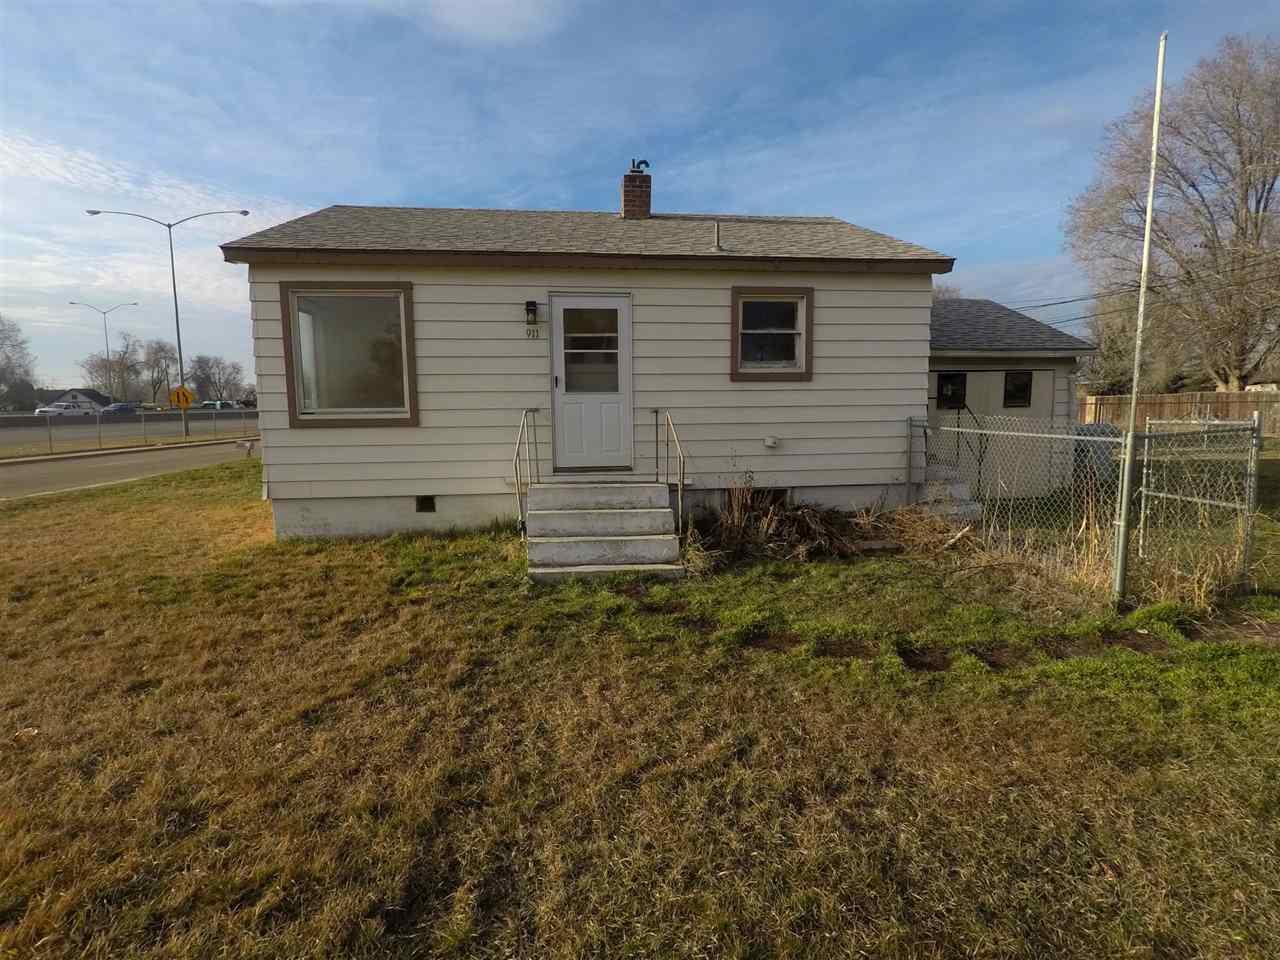 911 N 3rd Avenue, Caldwell, Idaho 83605, 2 Bedrooms, 1 Bathroom, Rental For Rent, Price $775, 98681221